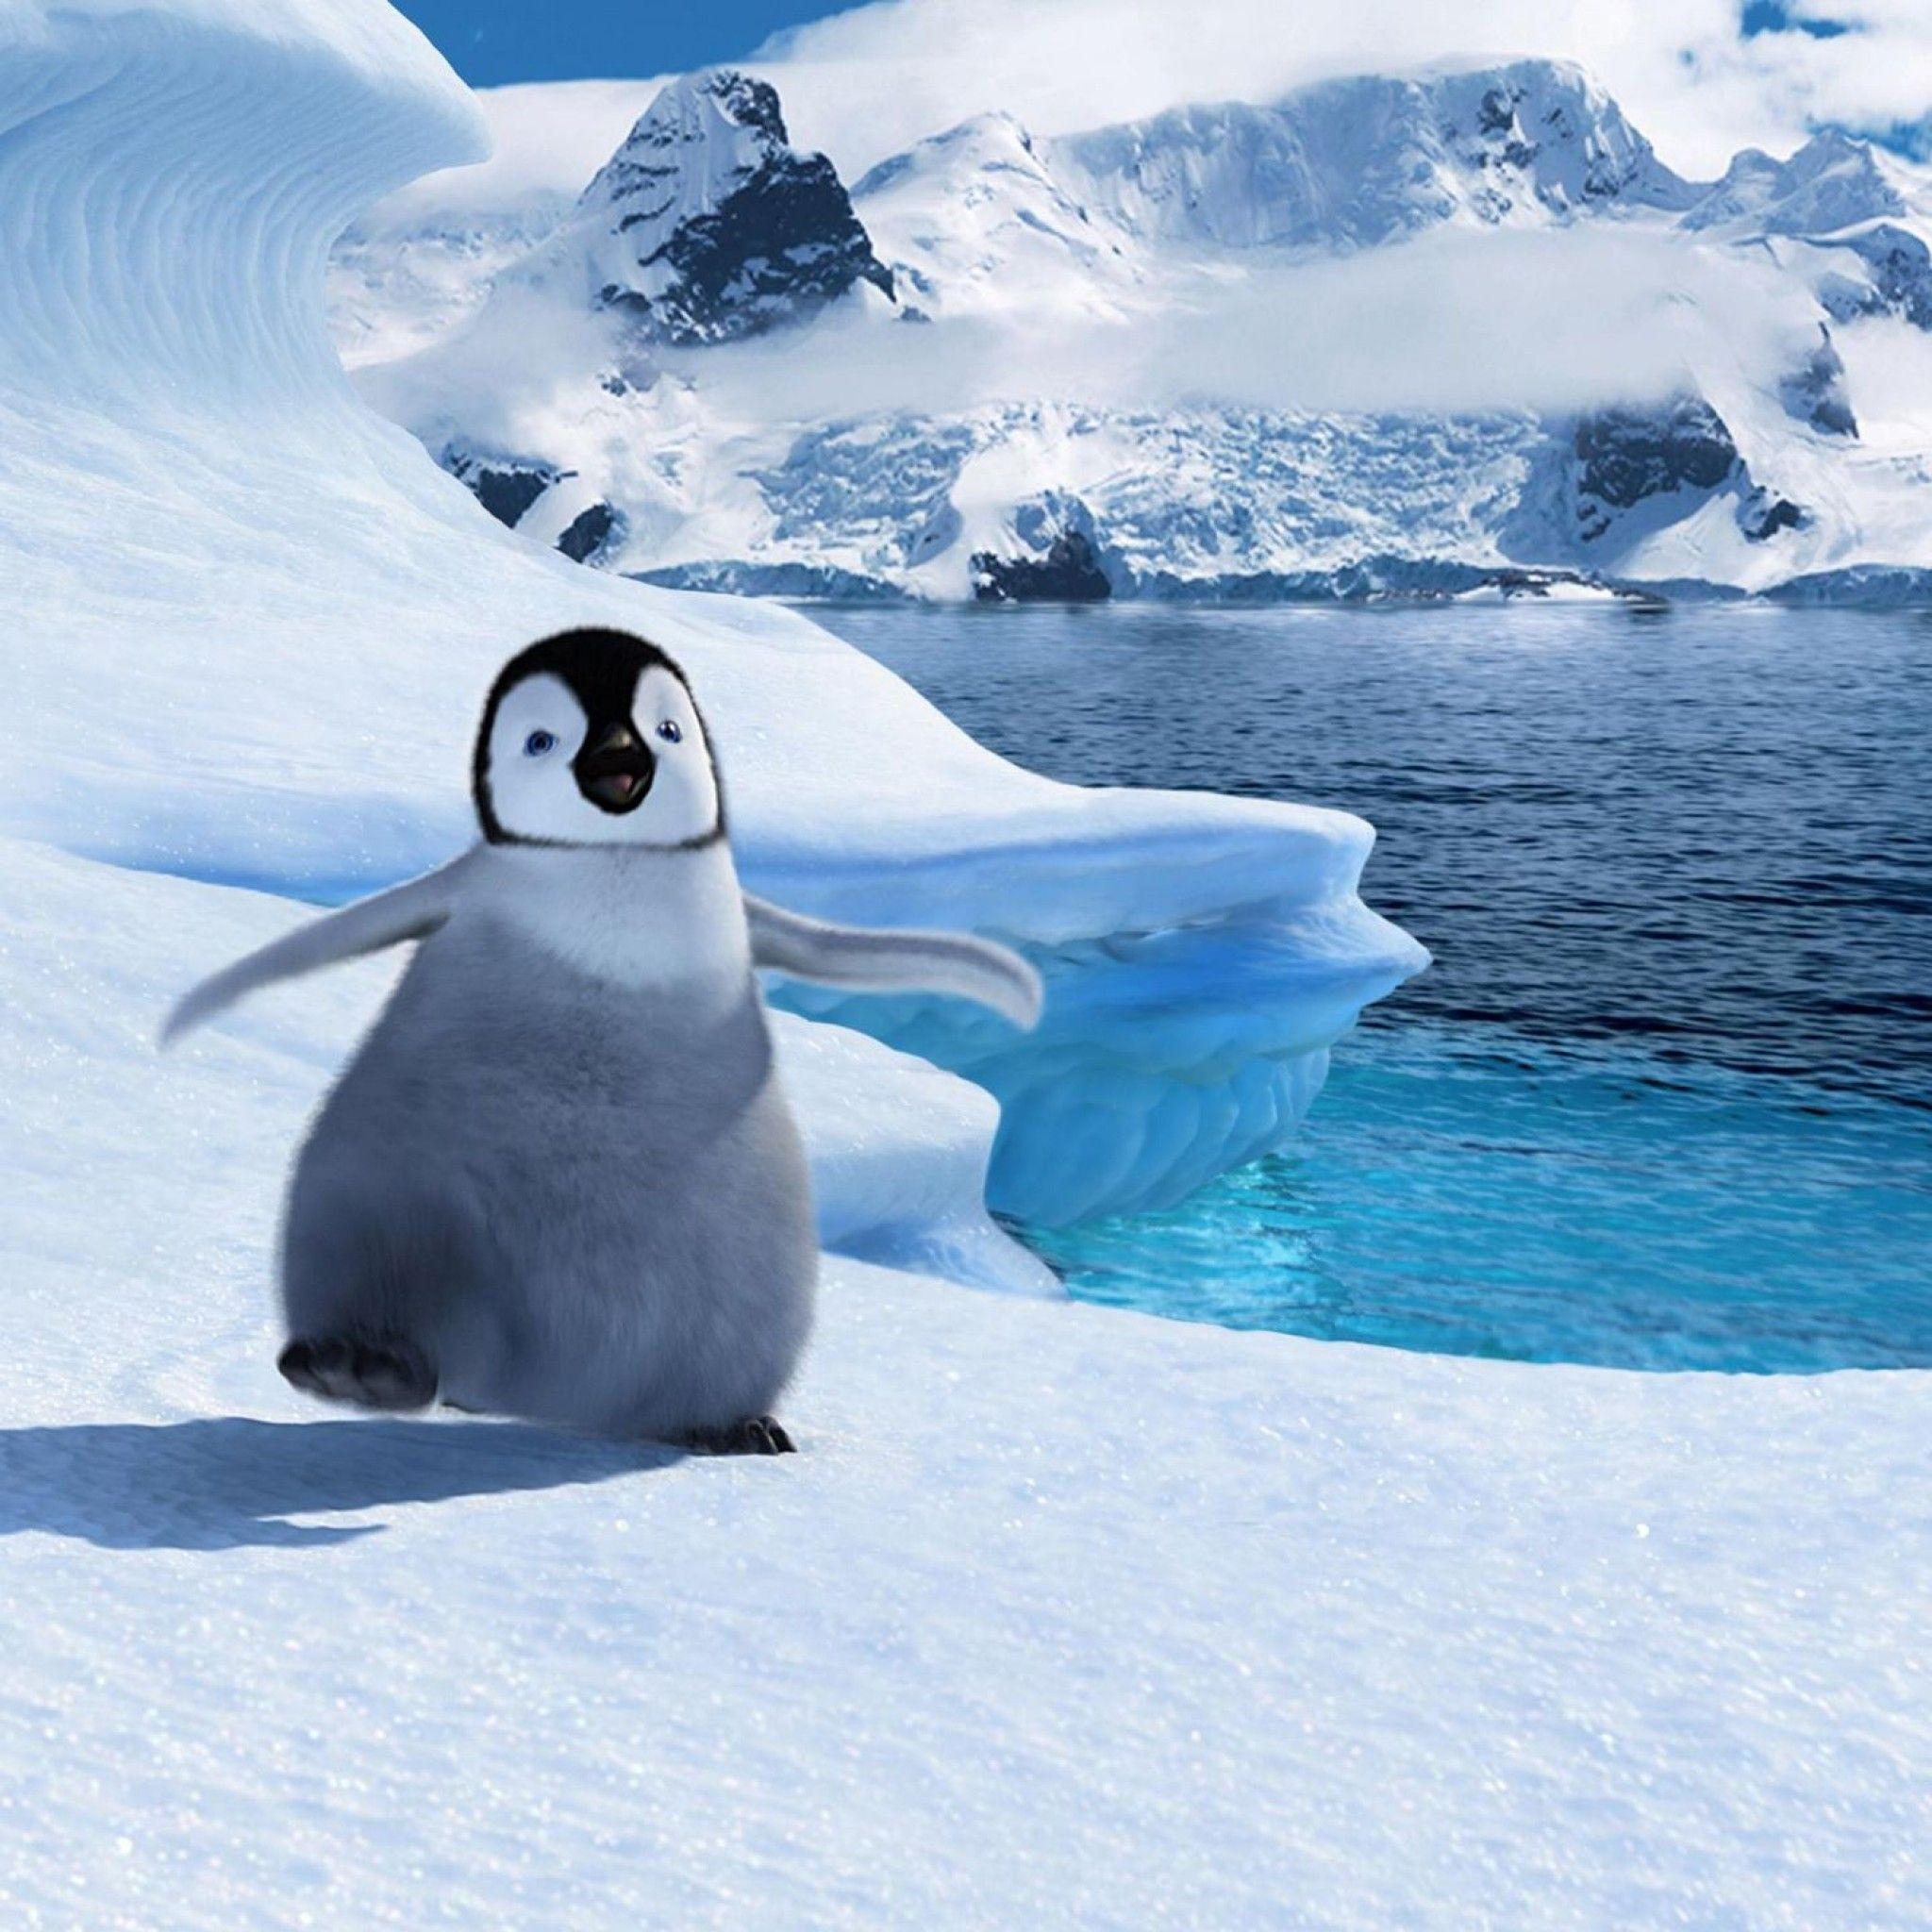 人気122位 ハッピーフィート 可愛すぎる動物 ペンギン 赤ちゃん